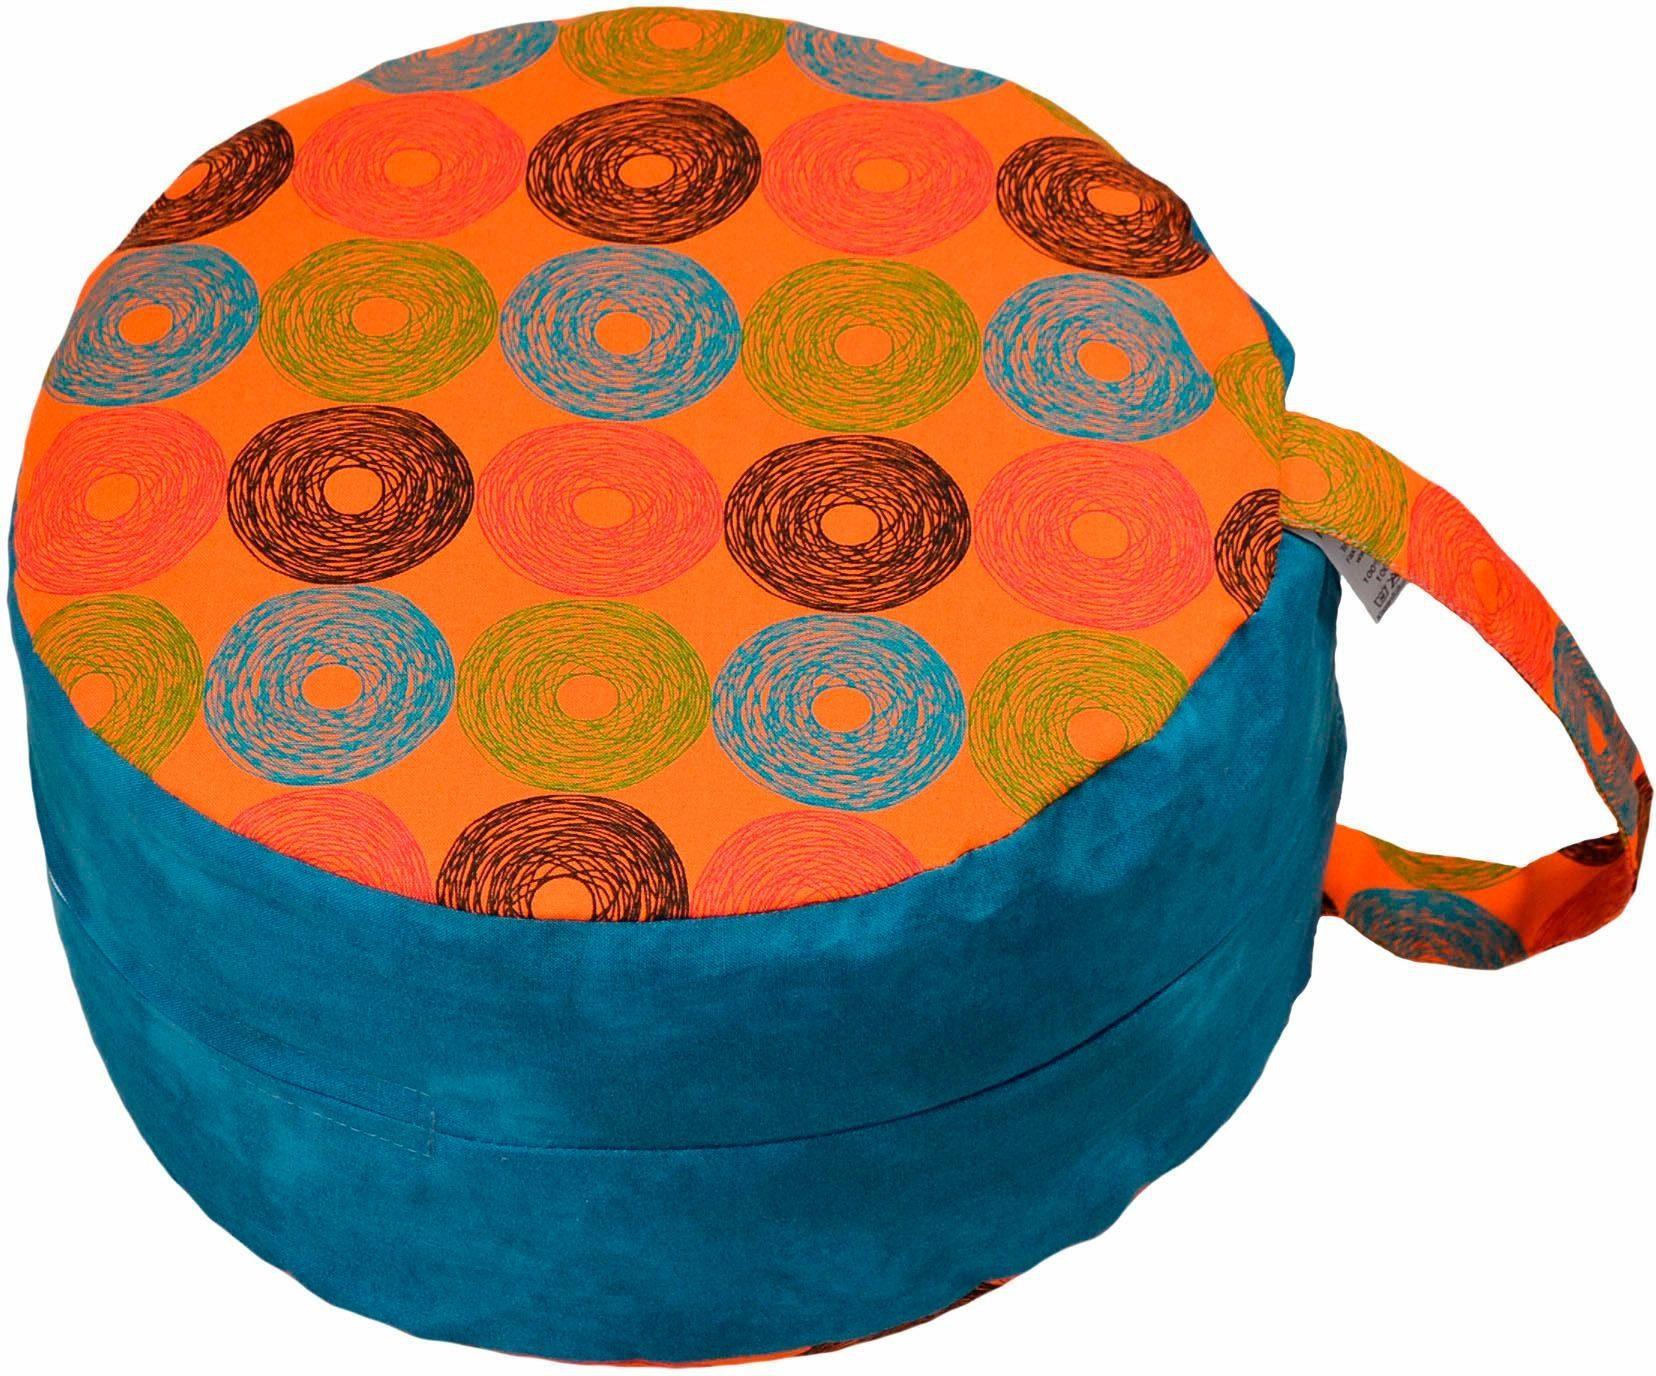 Mediations-/Yogakissen, »6521 orange/Retrokreise blau«, Herbalind